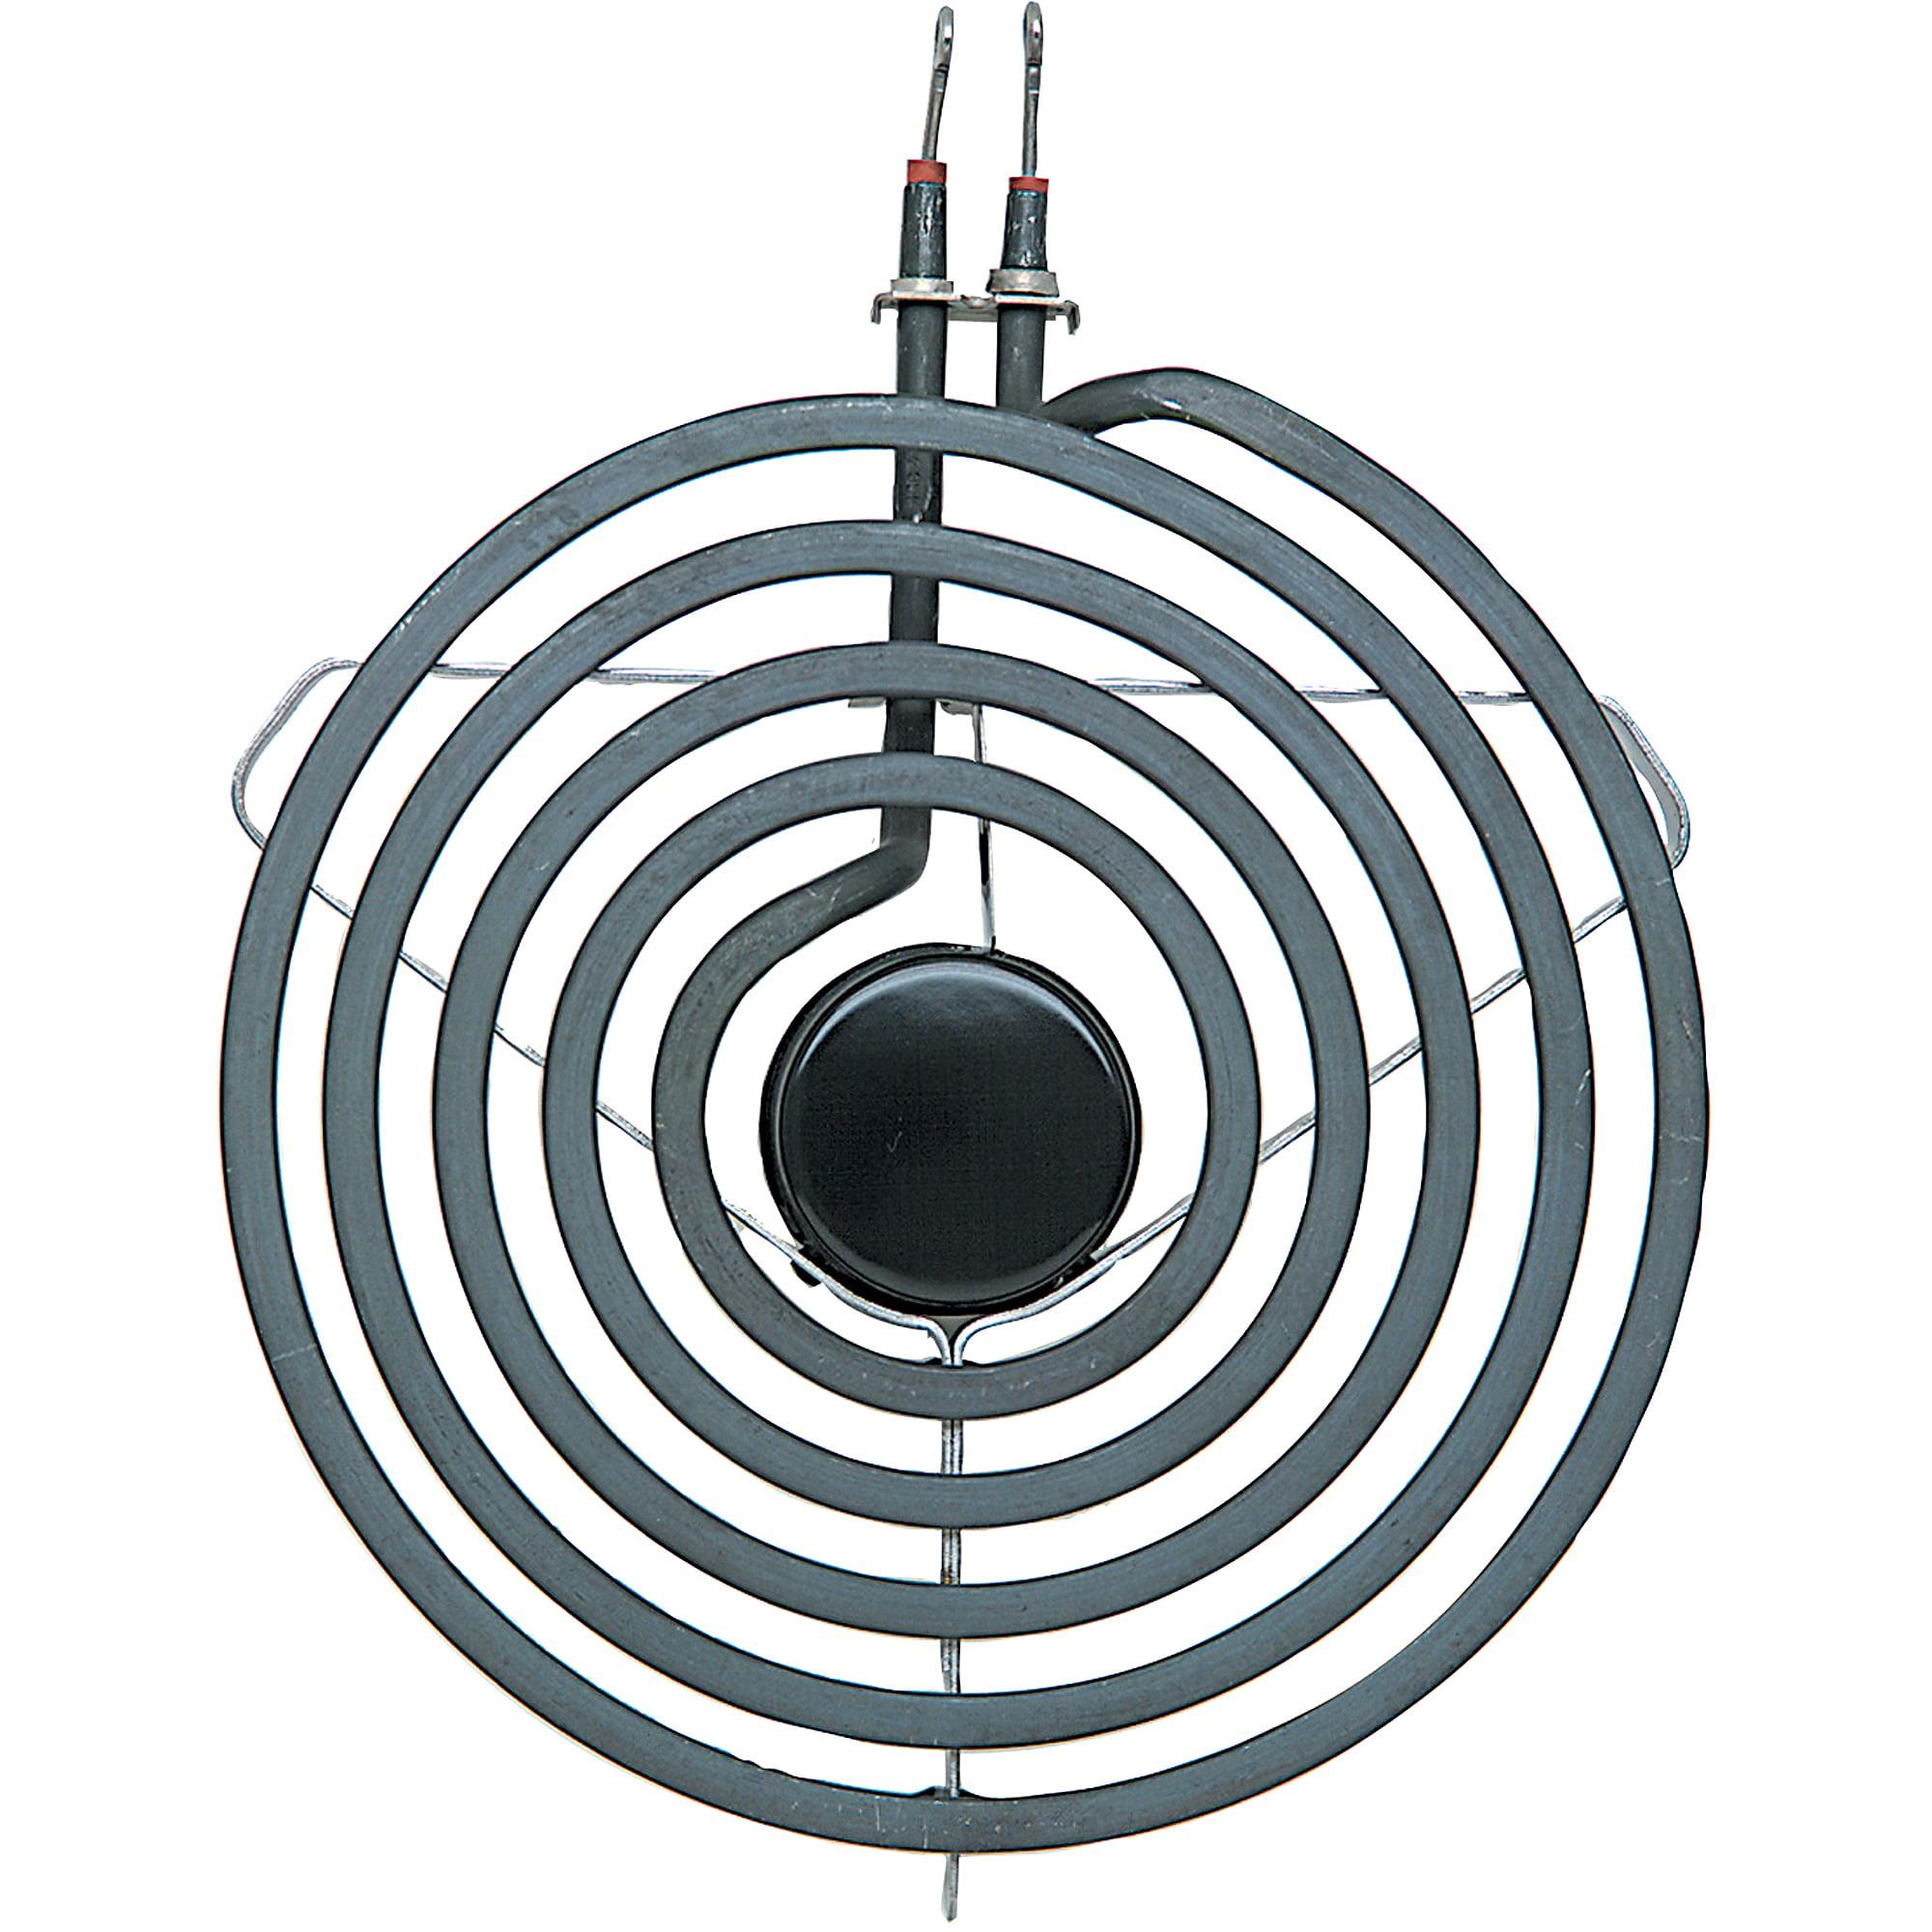 Range Kleen 1 Large Burner Delta Bracket Element, 5 Turns, Style A, Fits Plug-In